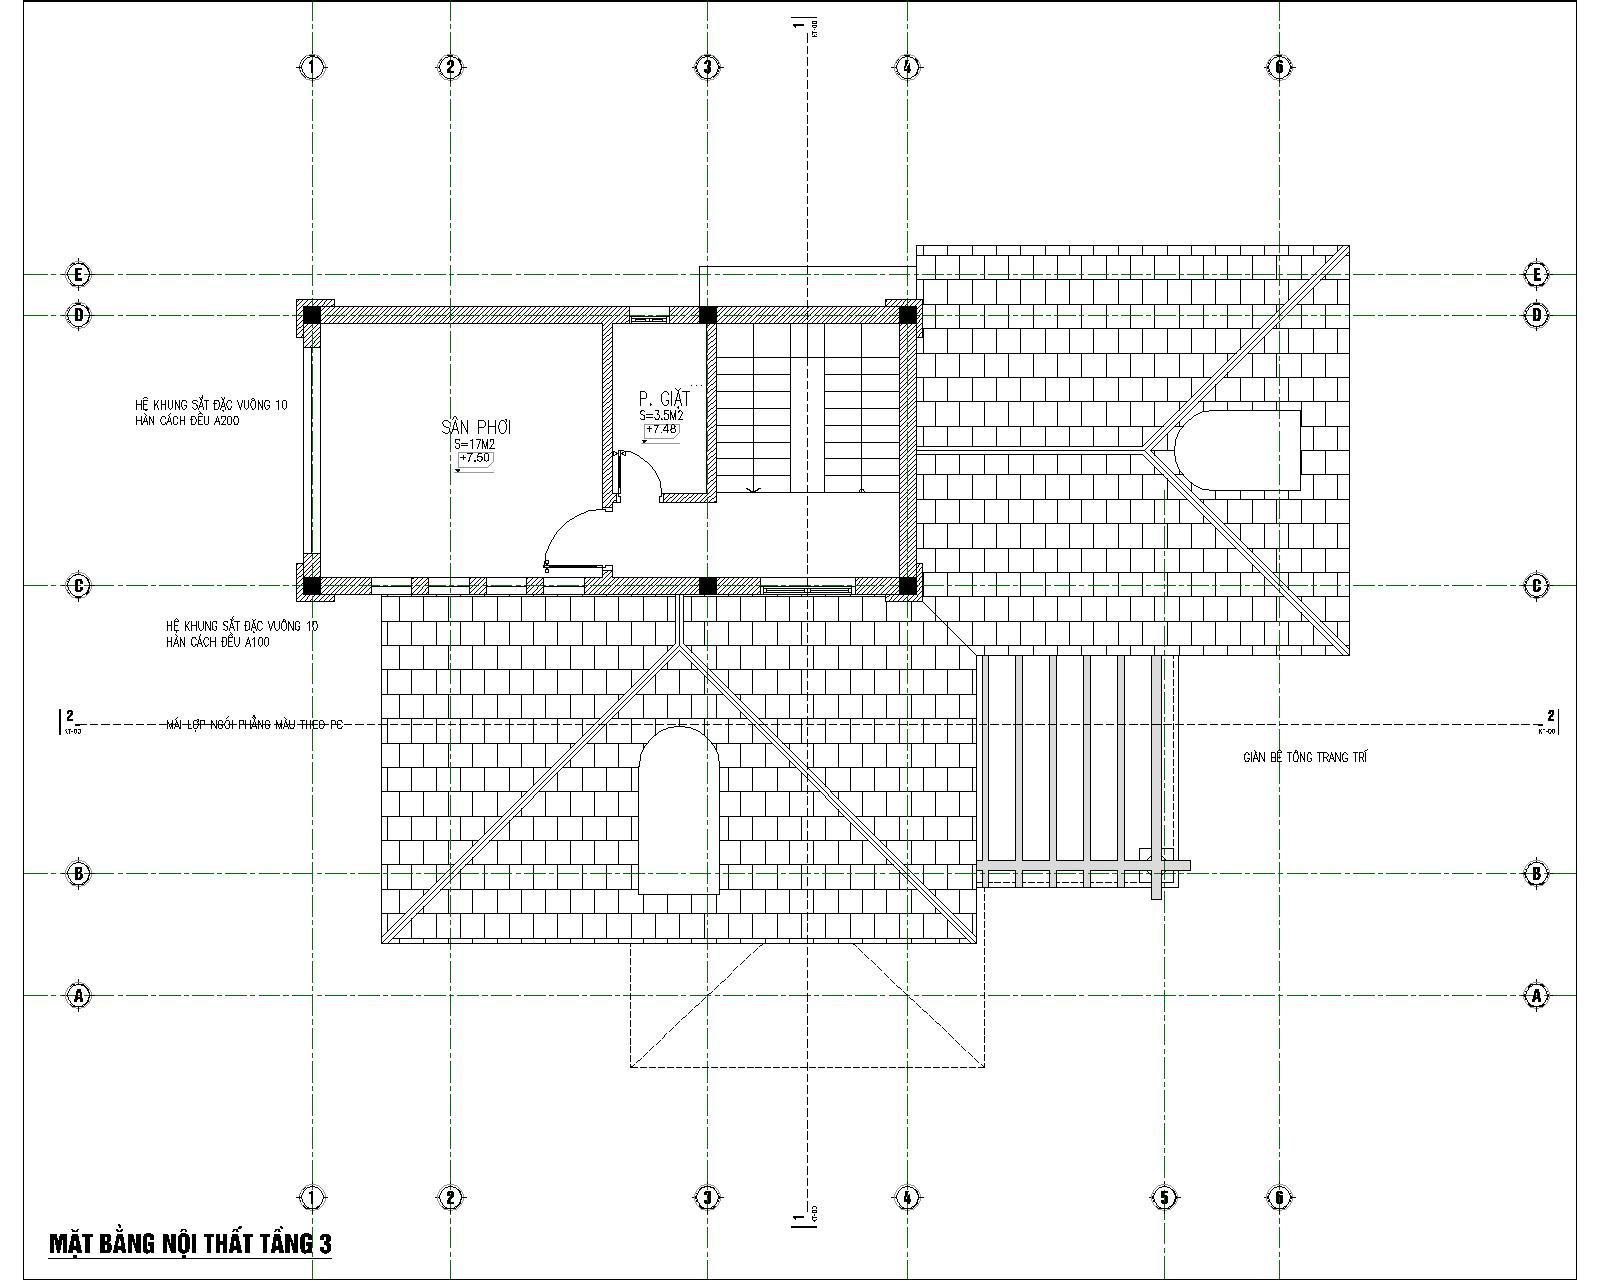 thiết kế nhà biệt thự 3 tầng mái thái đẹp 7